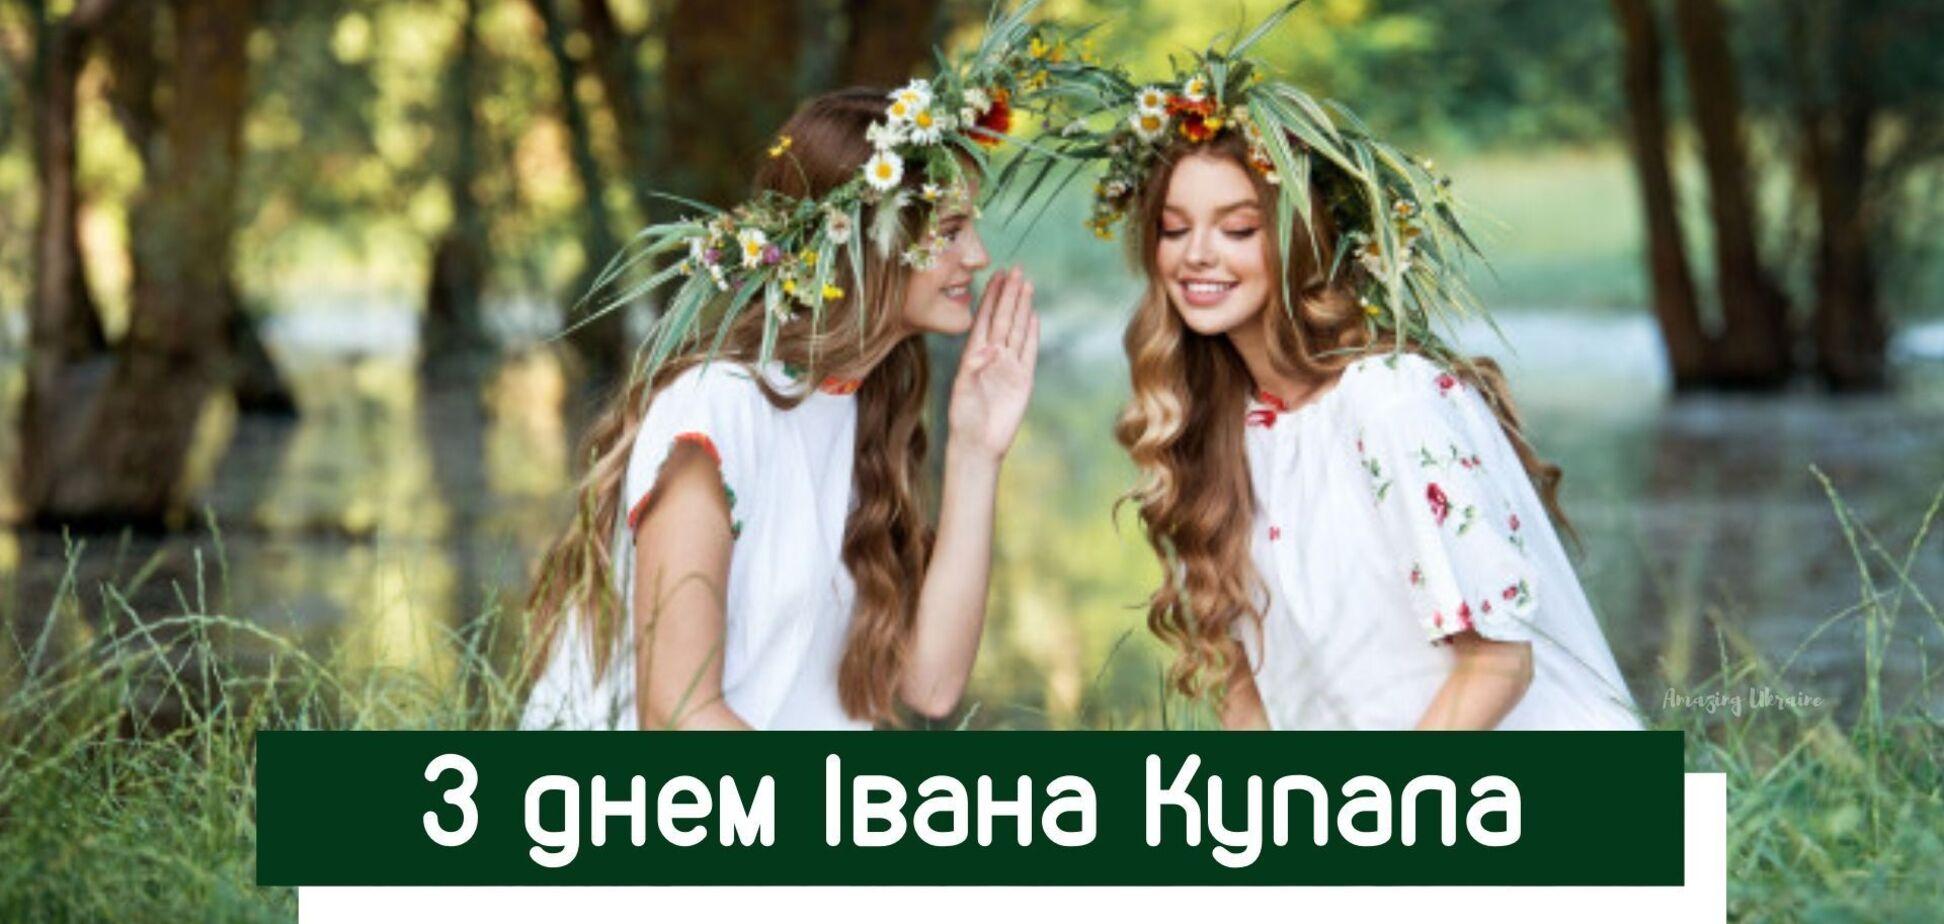 Поздравления на Ивана Купала